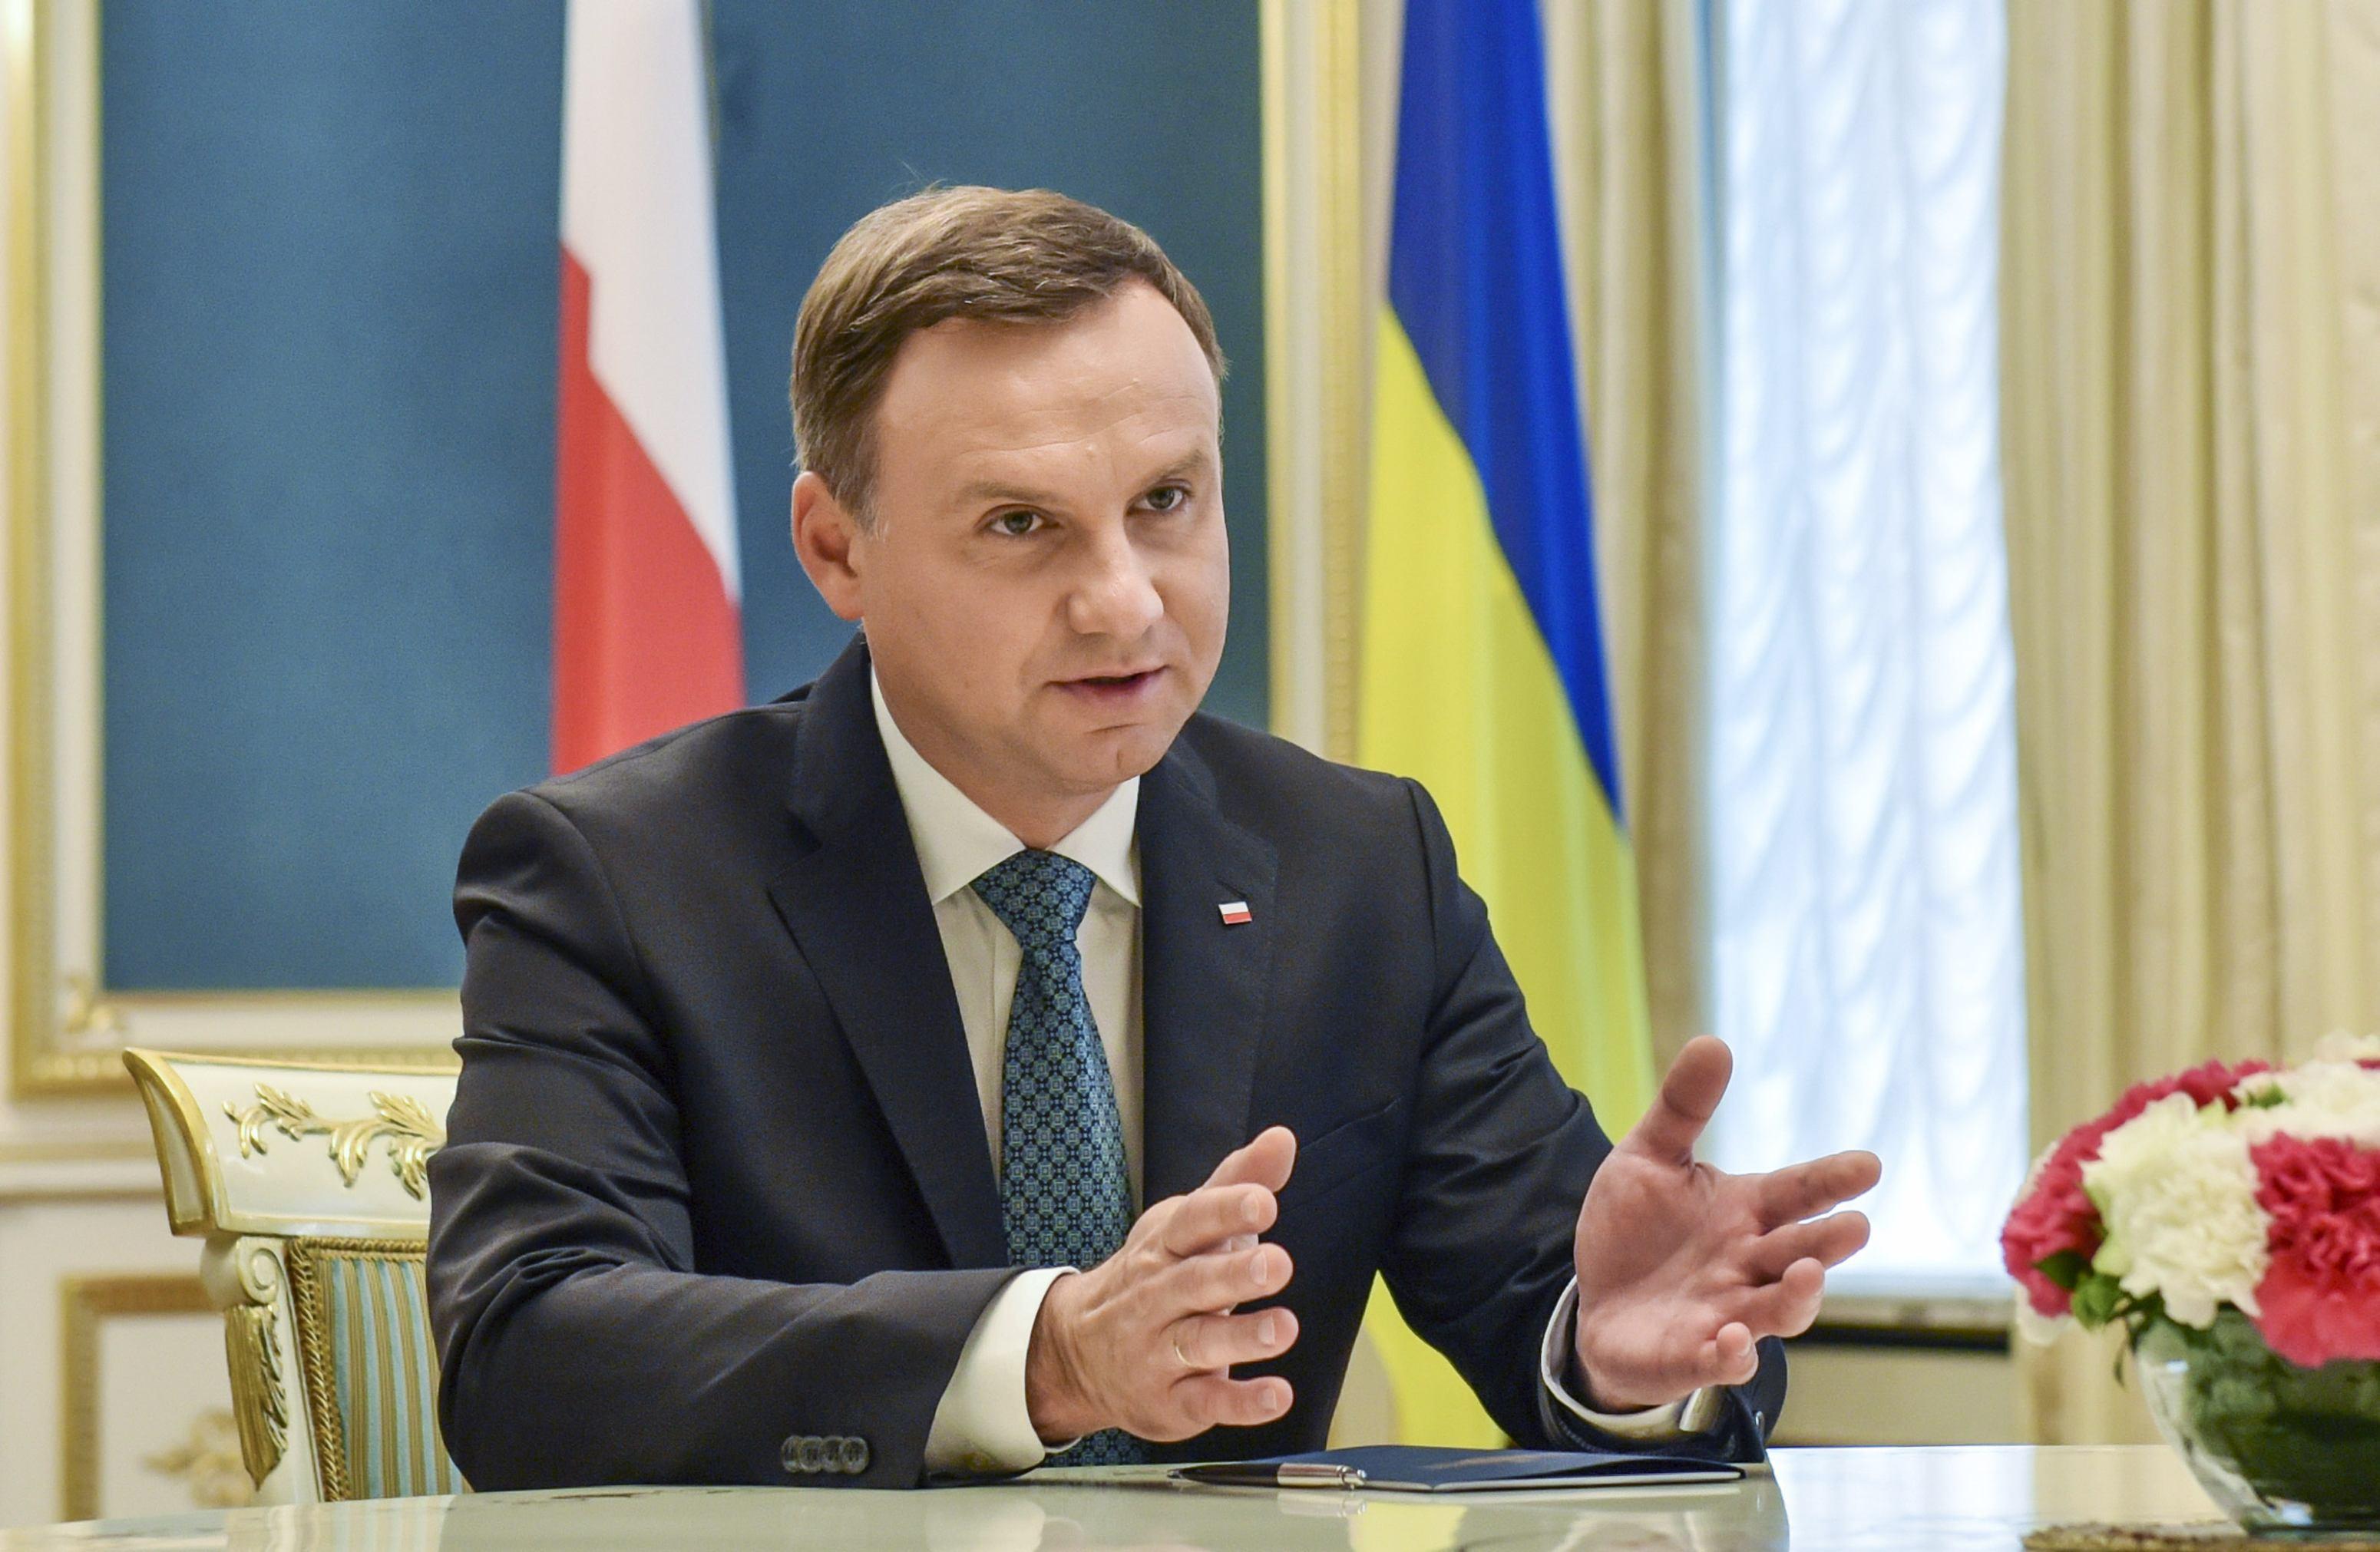 Andrzej Duda acuză liderii Uniunii Europene că `mint` când afirmă că reforma justiţiei afectează statul de drept